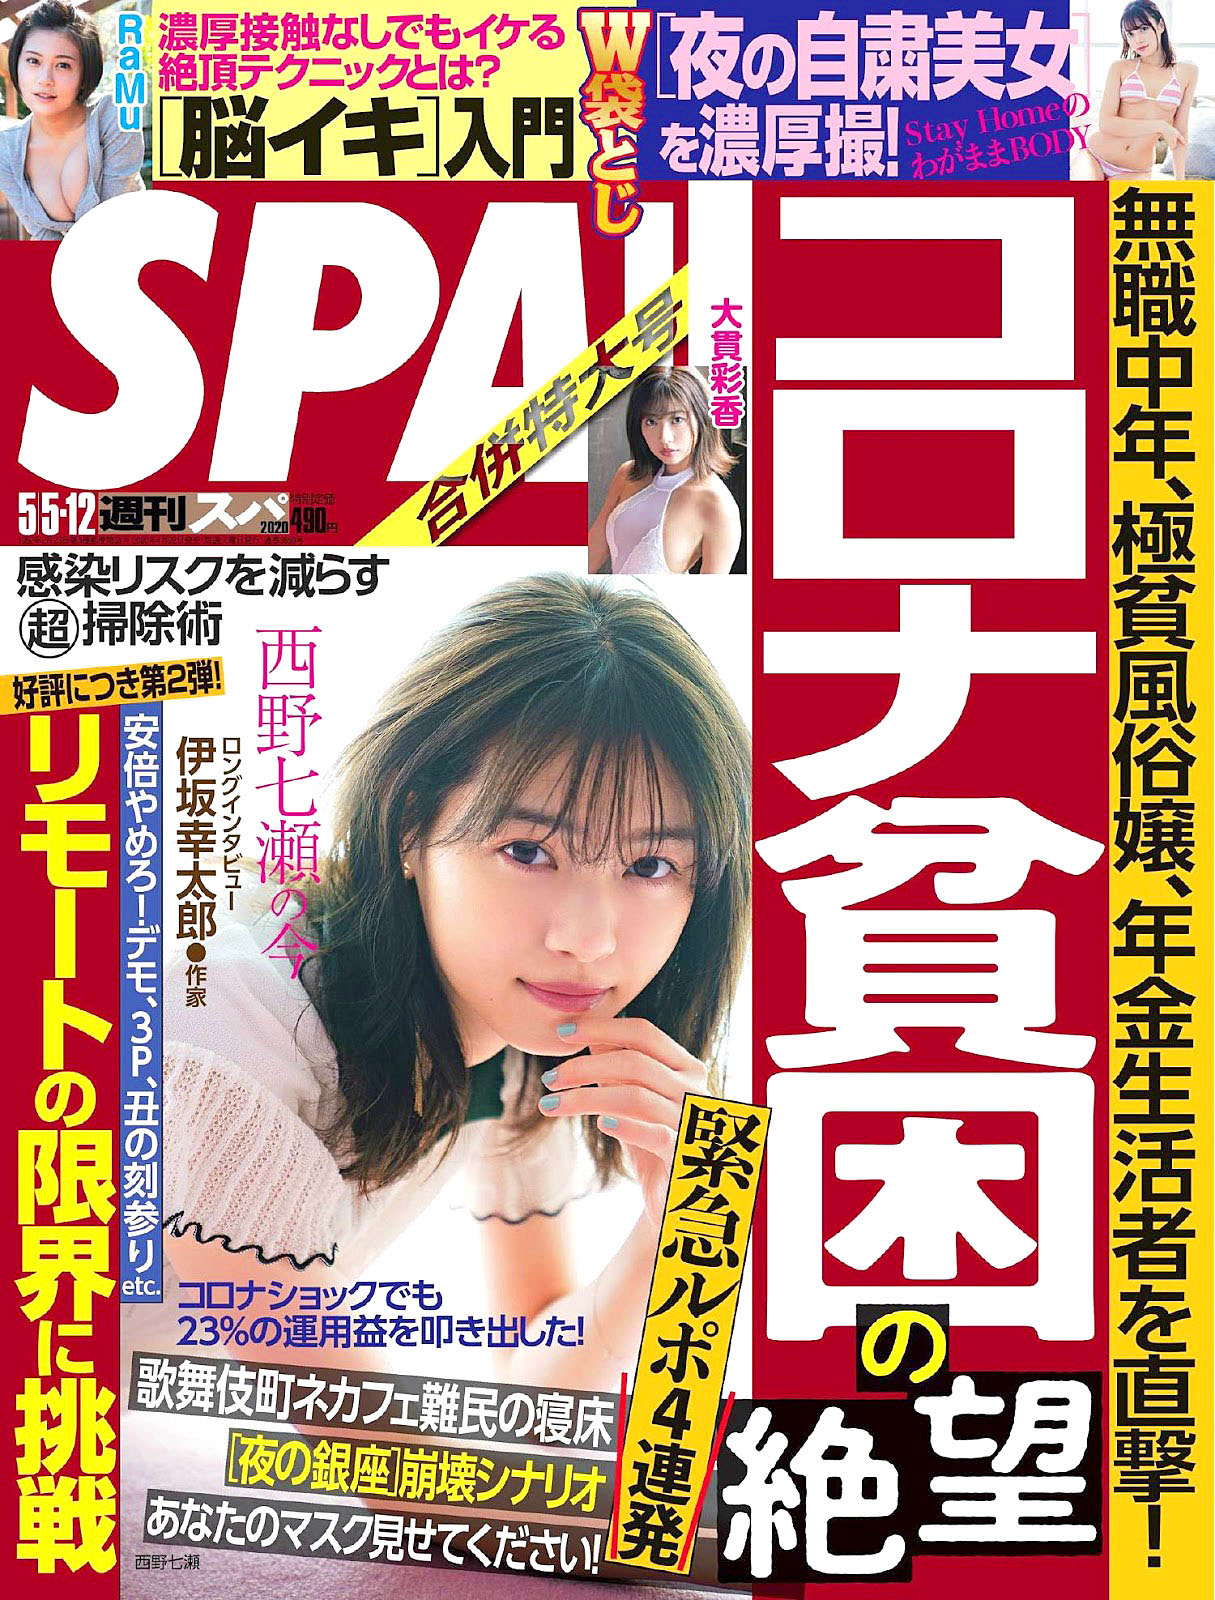 NNishino Weekly SPA 200505 01.jpg